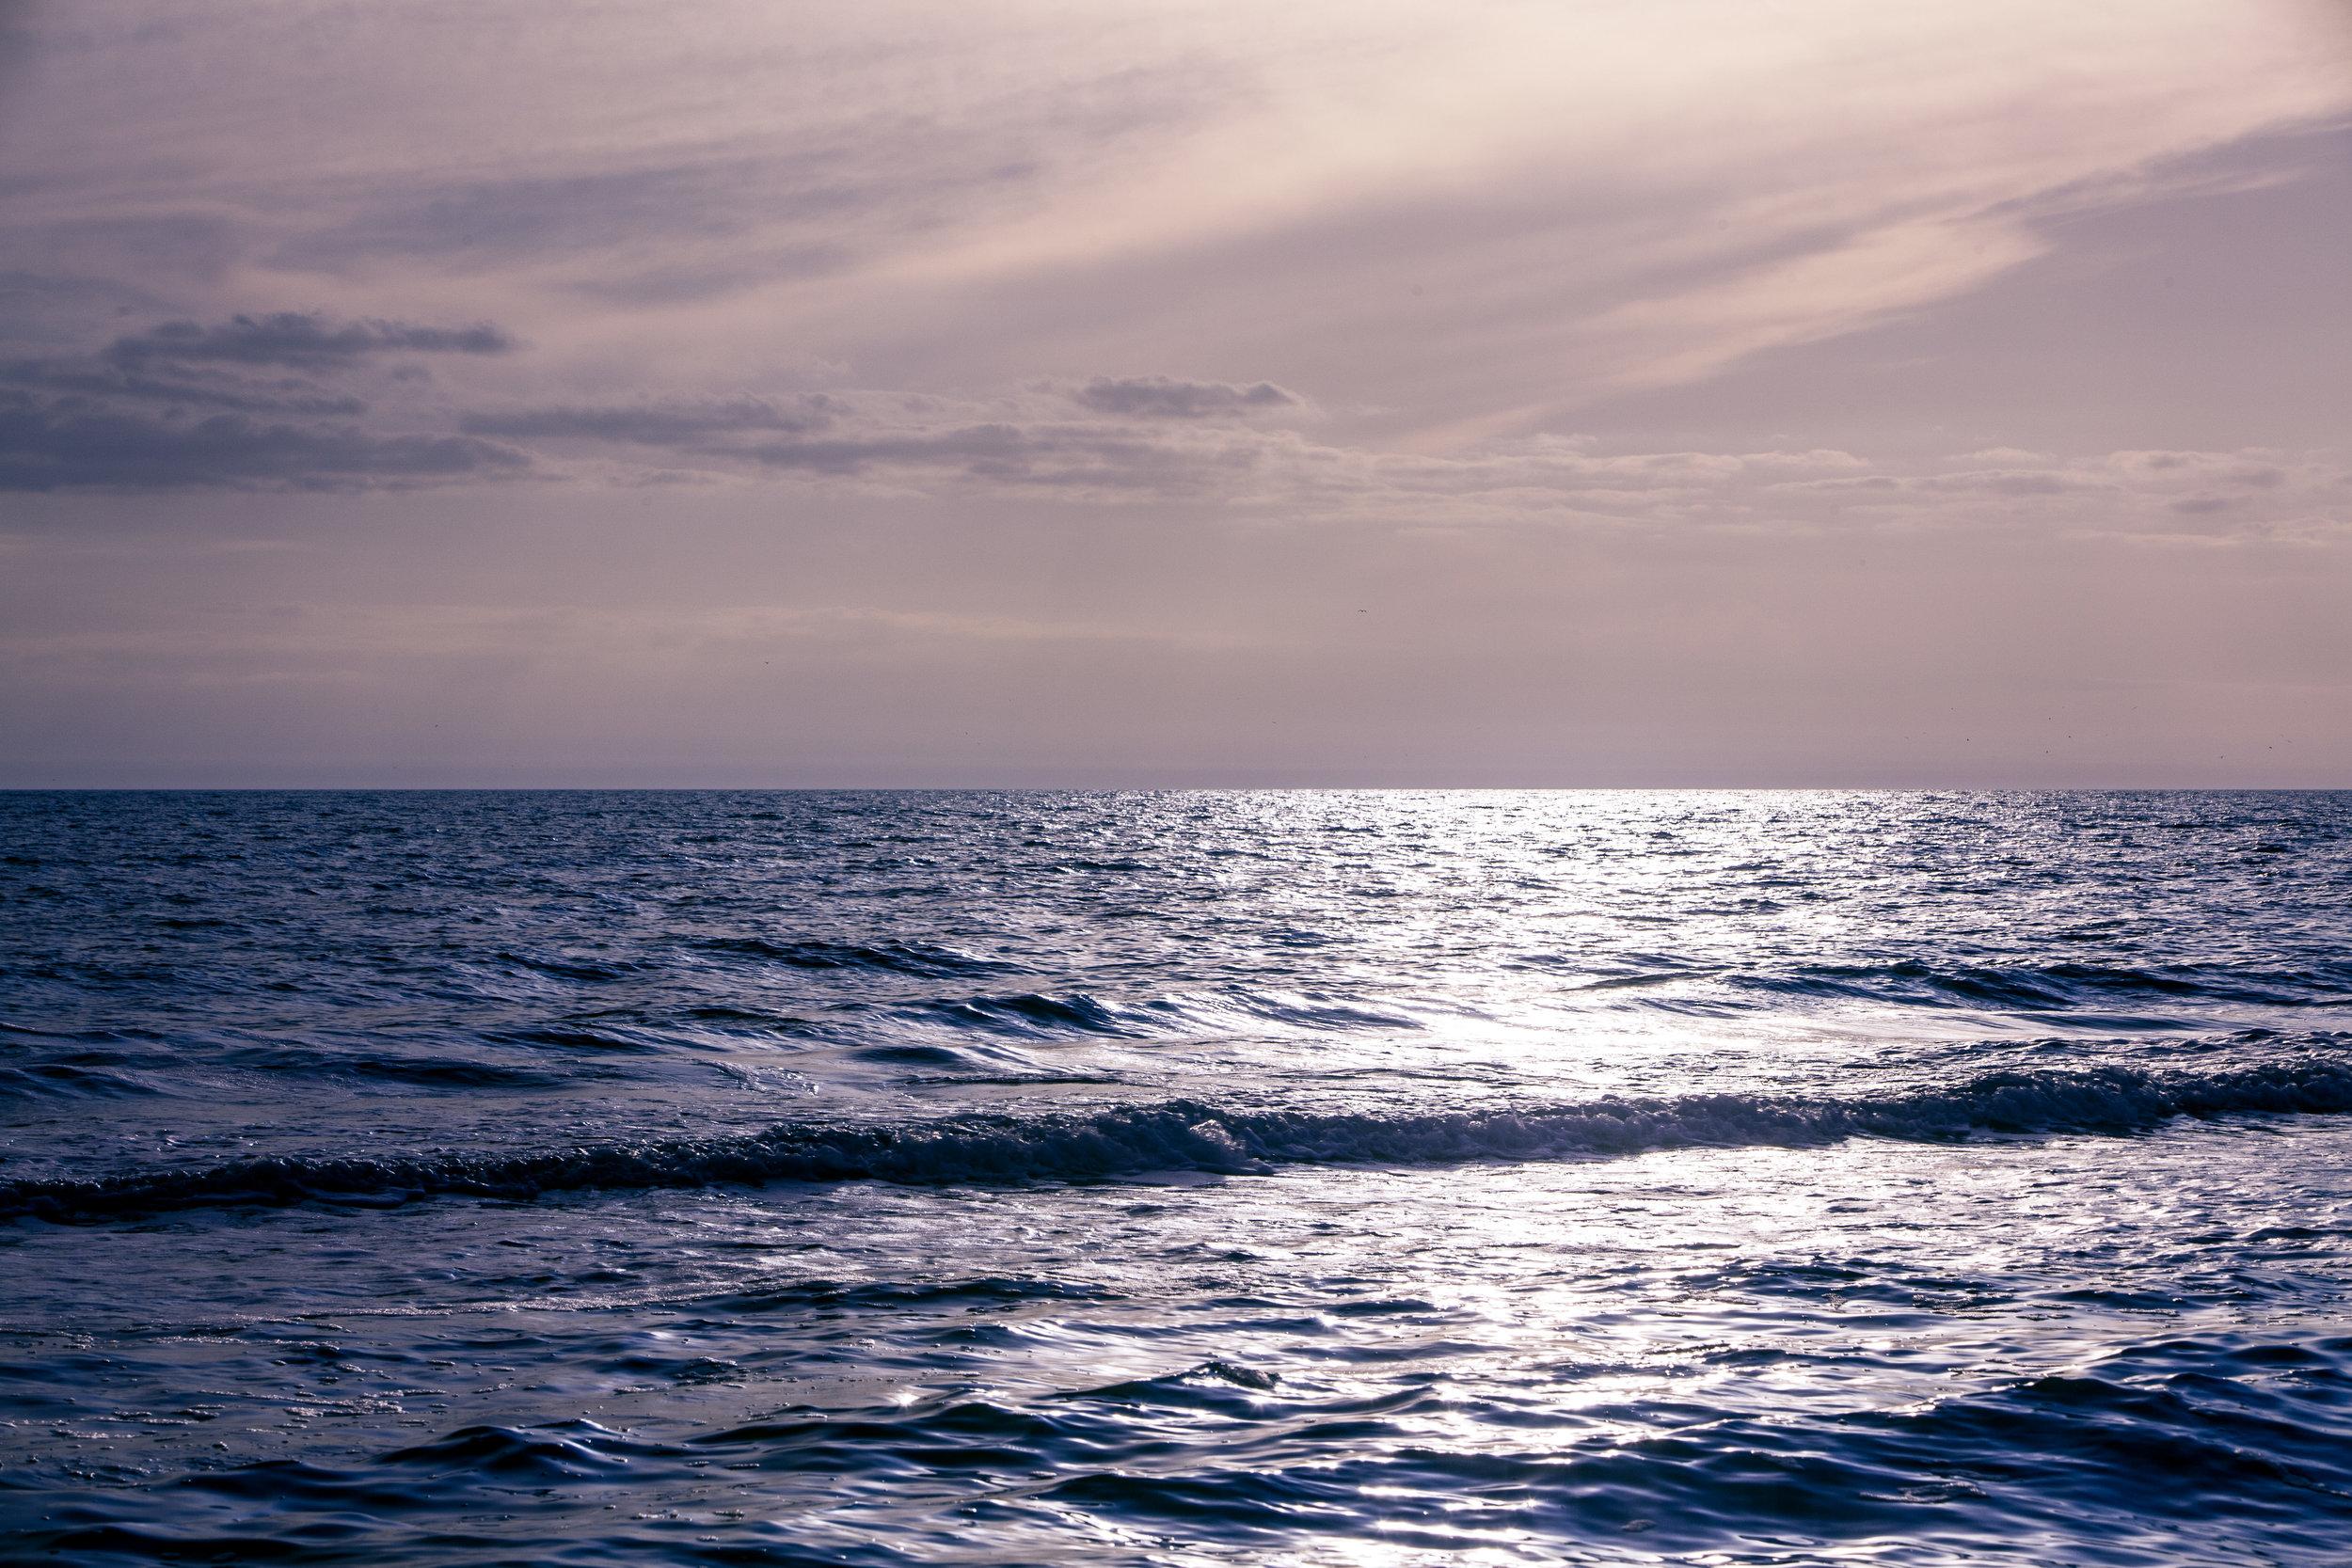 endless_sea-ocean-1303-8930-smugmug.jpg